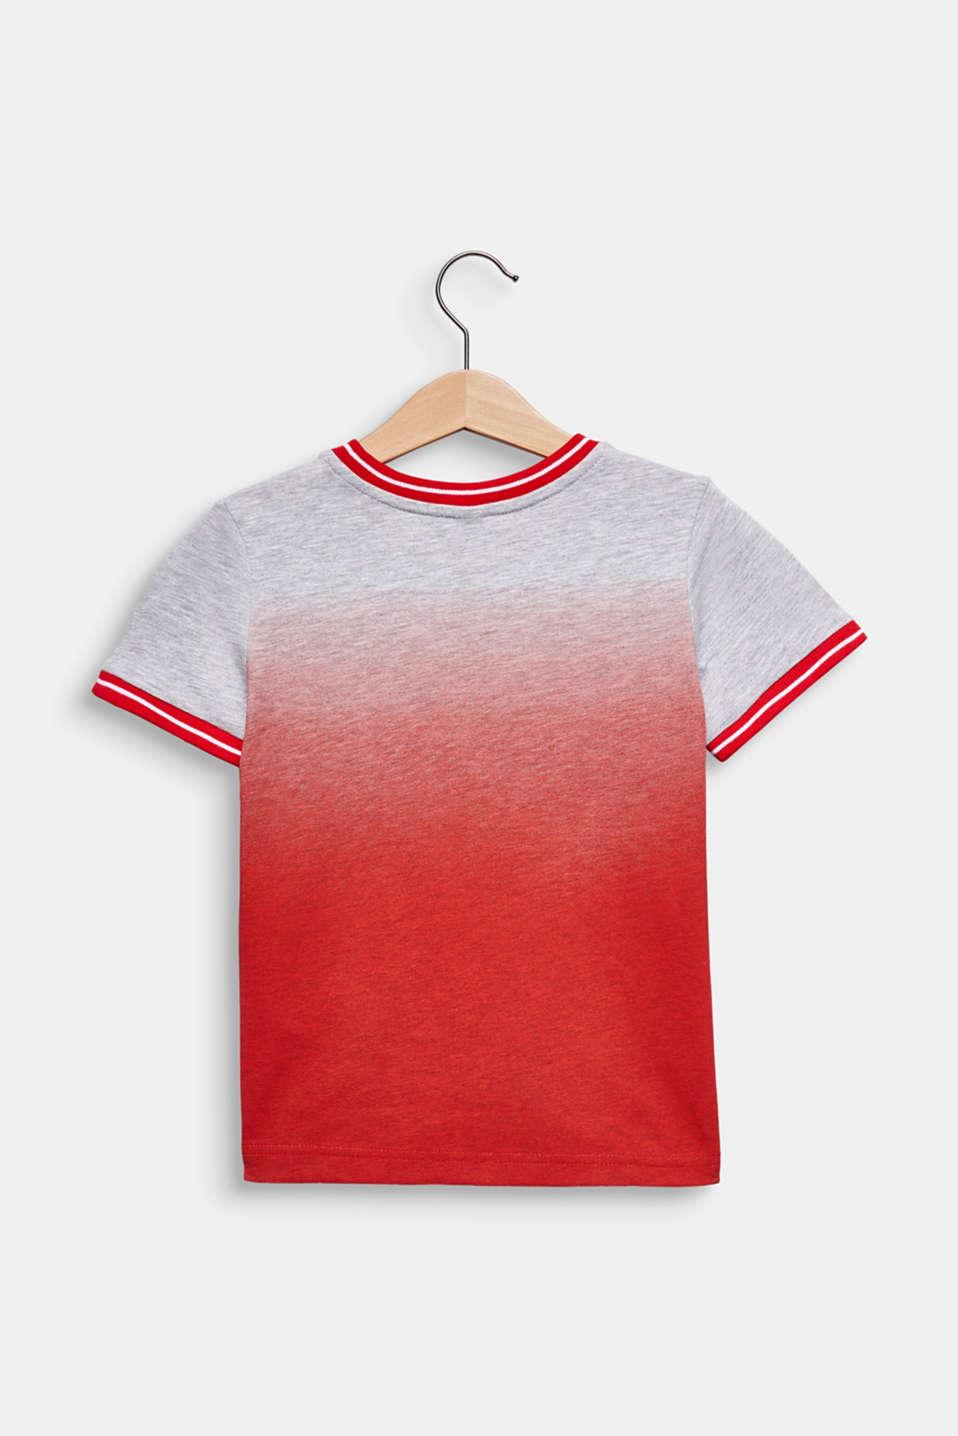 Colour graduation T-shirt, cotton blend, RED, detail image number 1